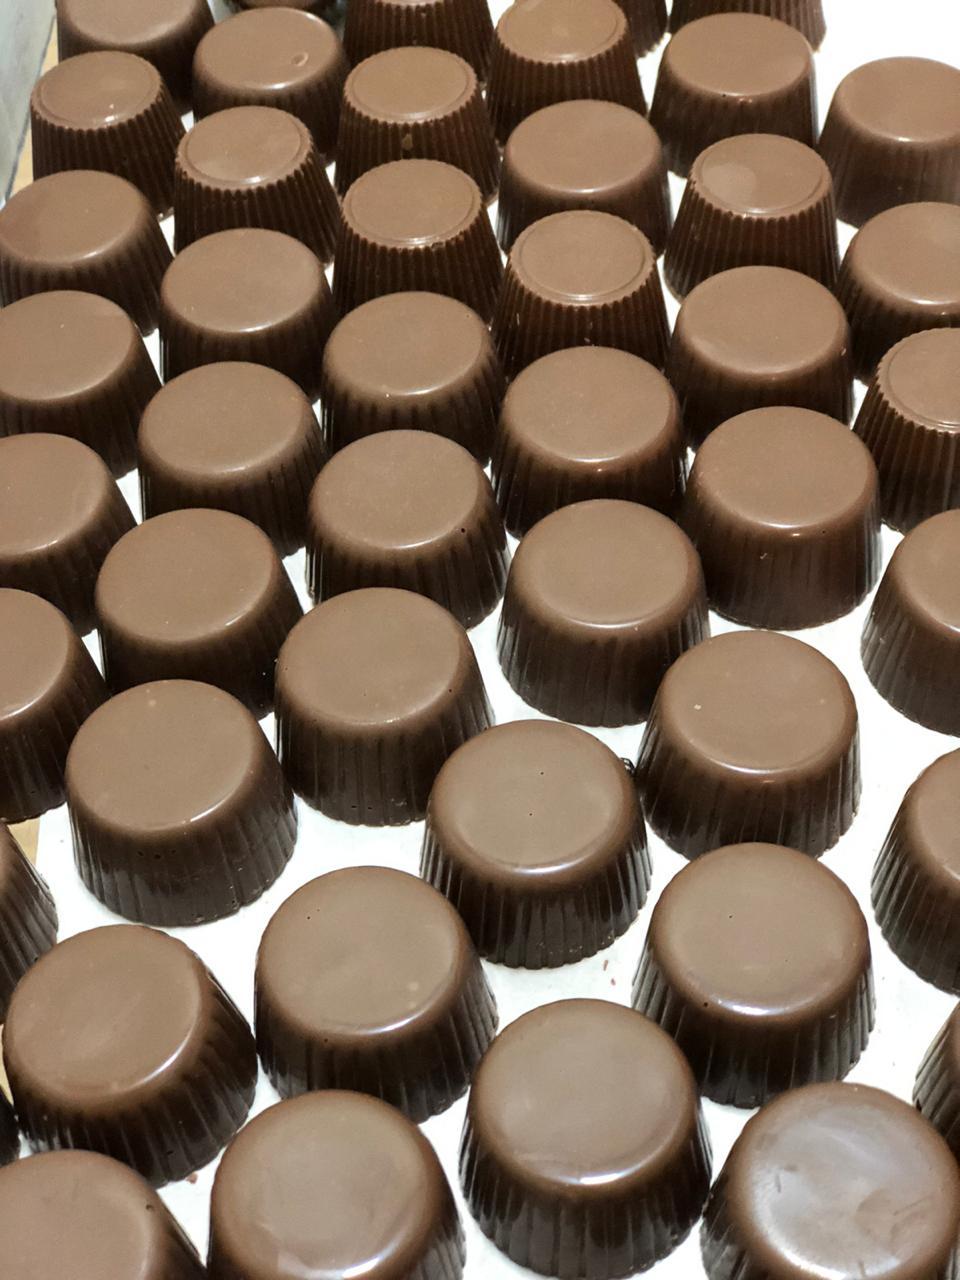 Bombom de chocolate 45% de cacau ao leite (tipo alpino) 100g